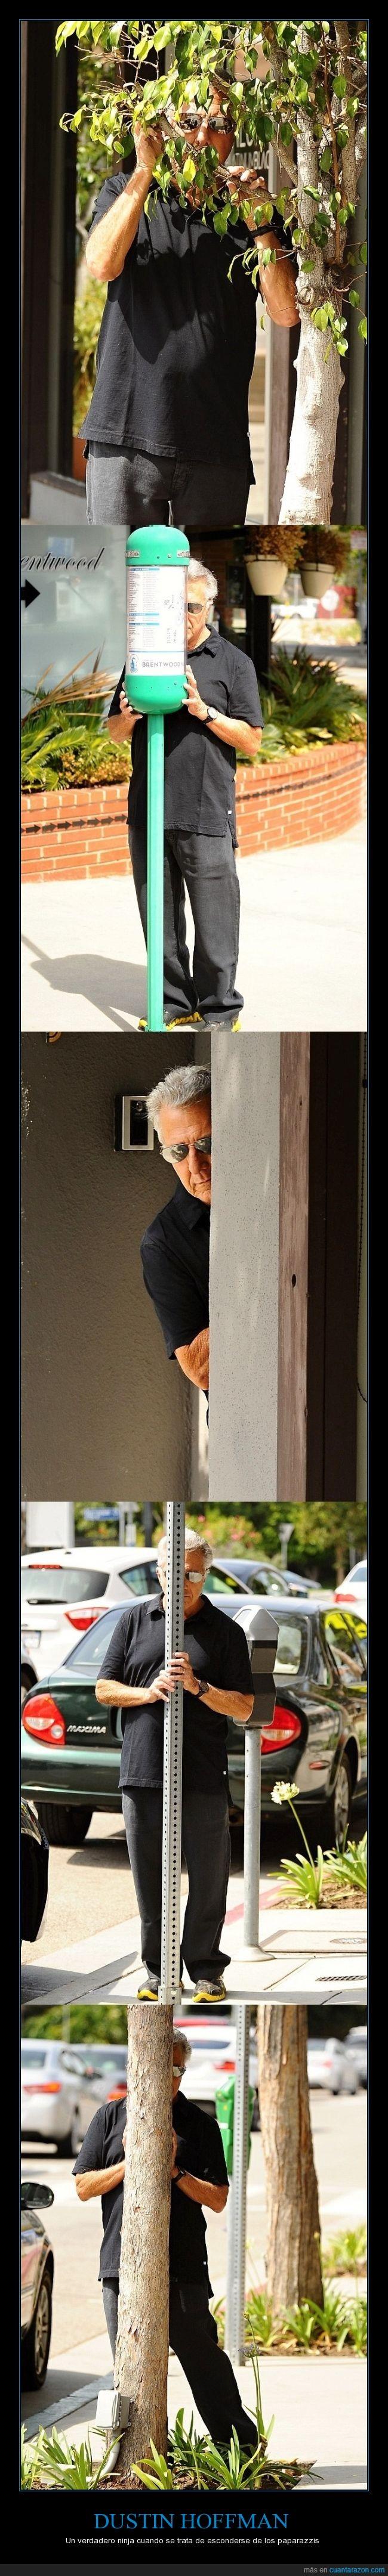 actor,arbol,campeón mundial de escondite,detras,Dustin Hoffman,esconder,farola,hojas,mal,ninja